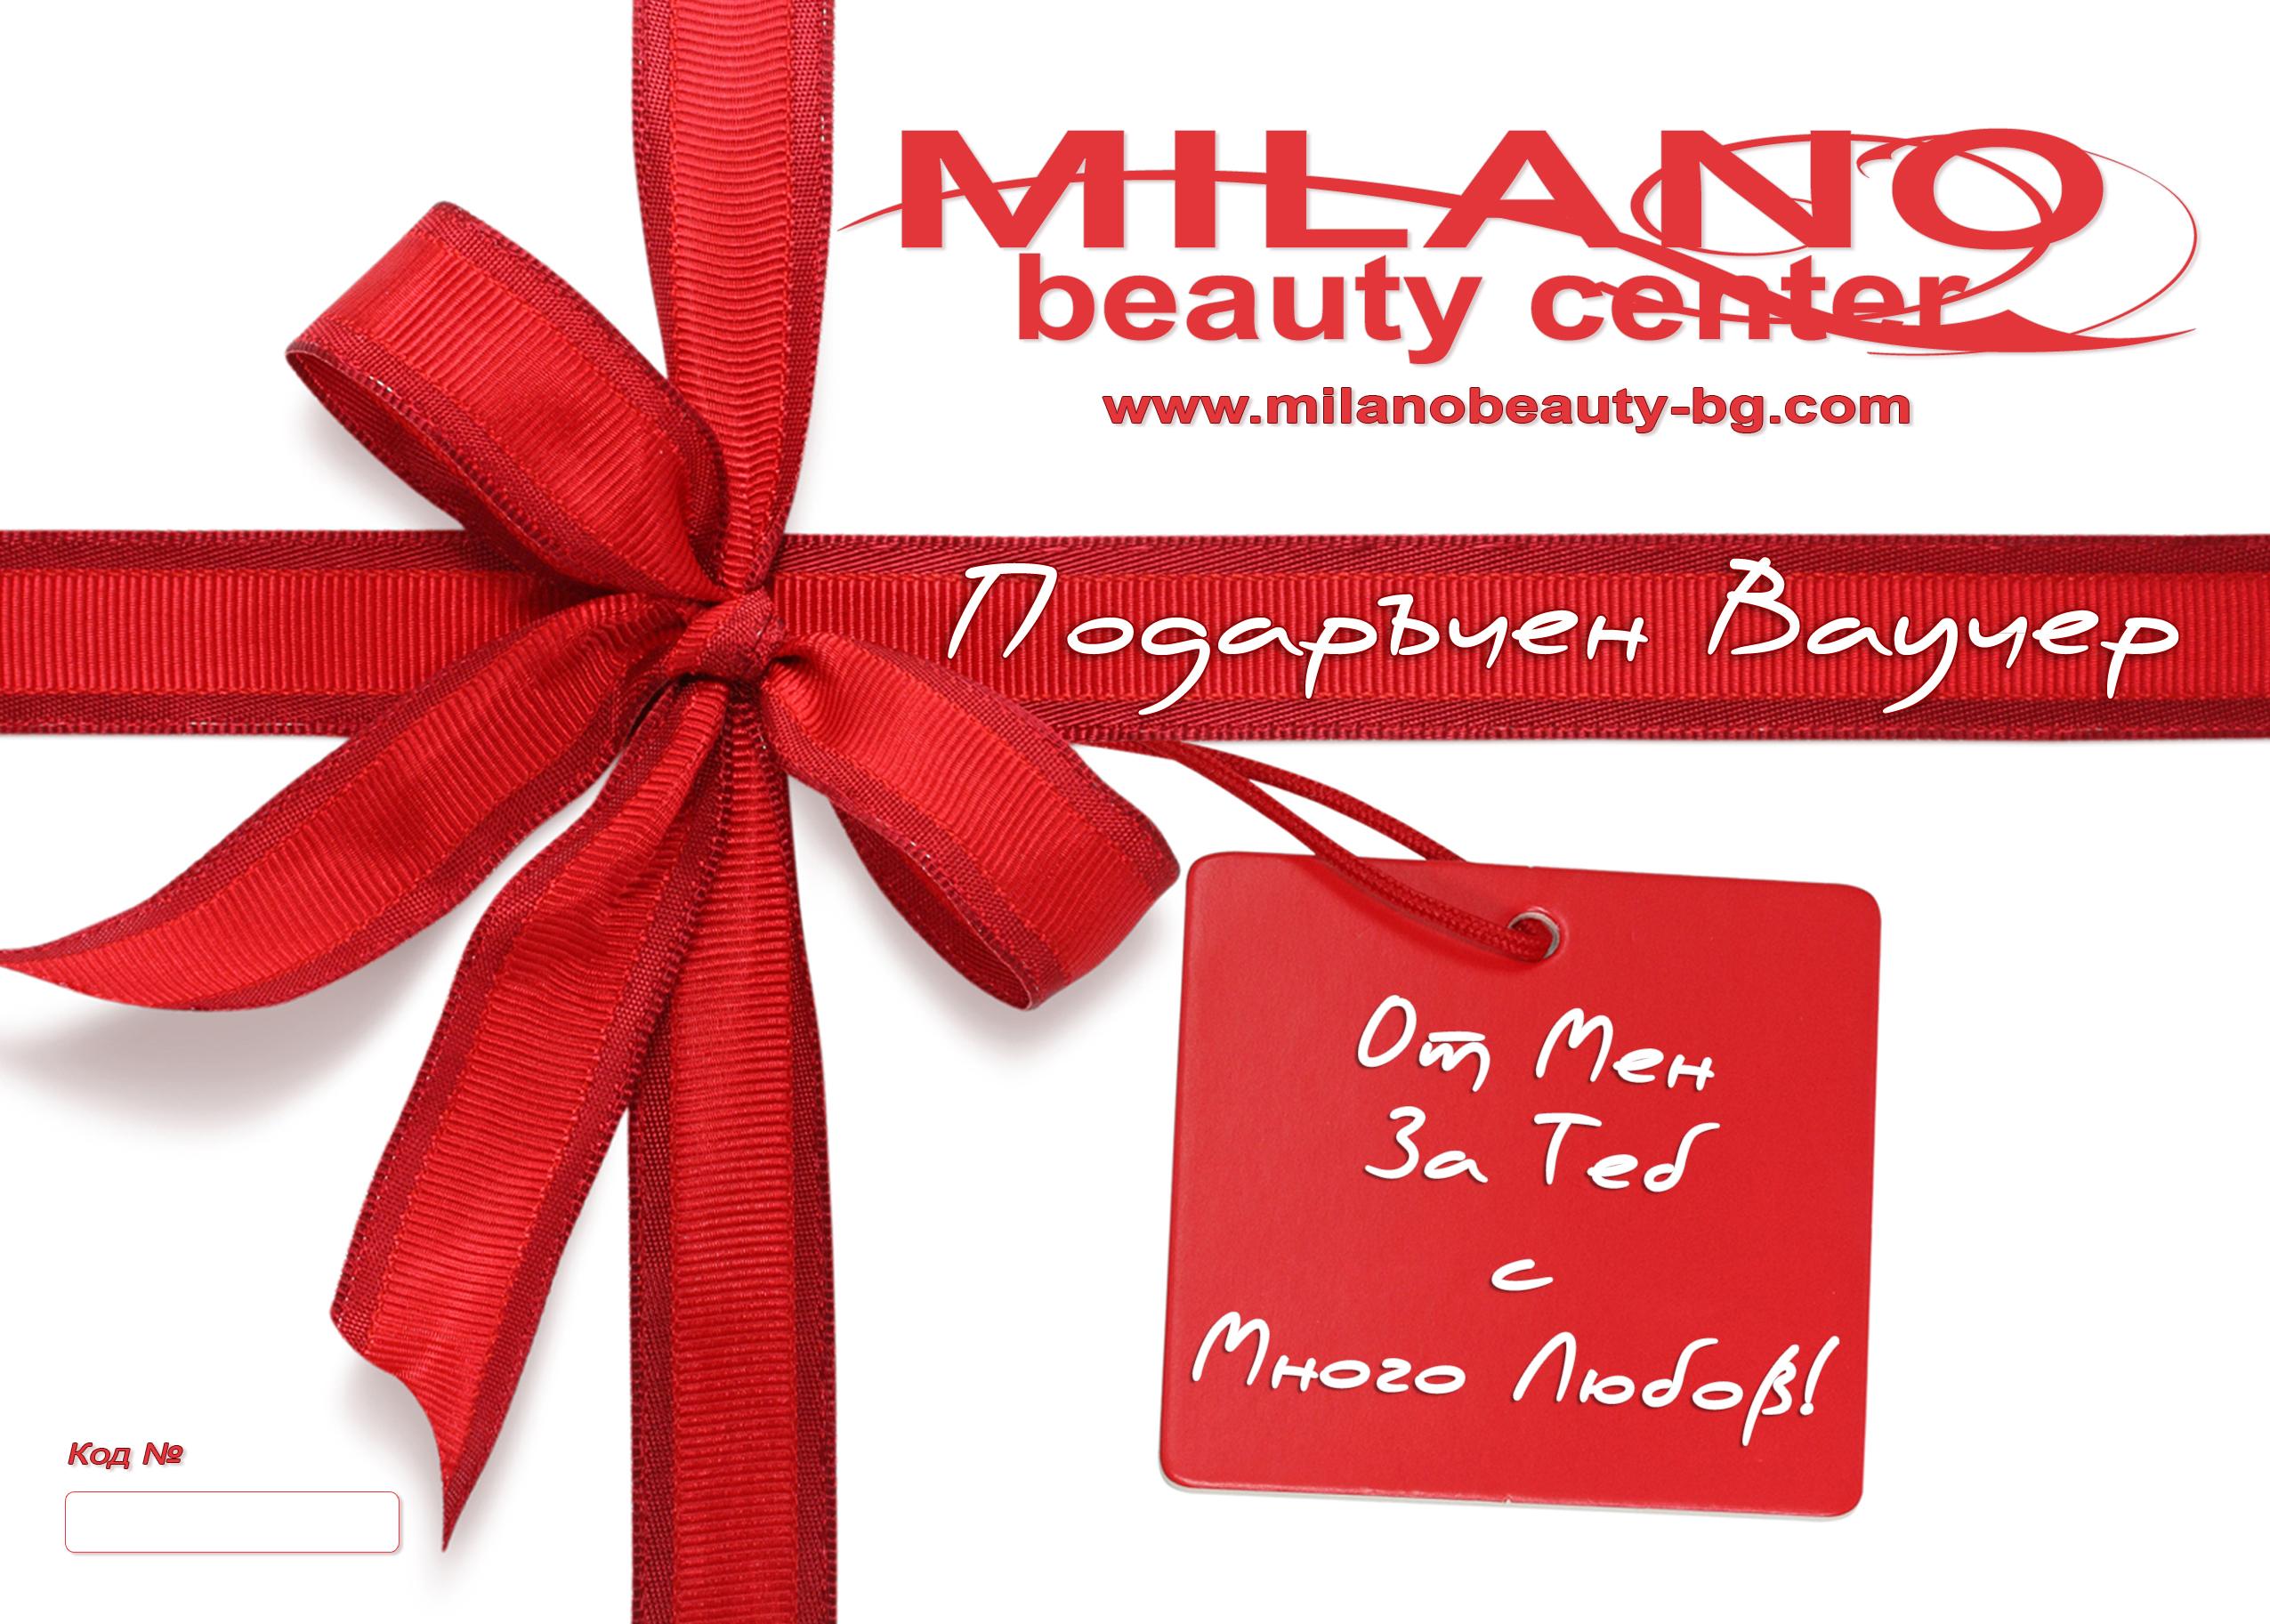 MilanoVoucherA5